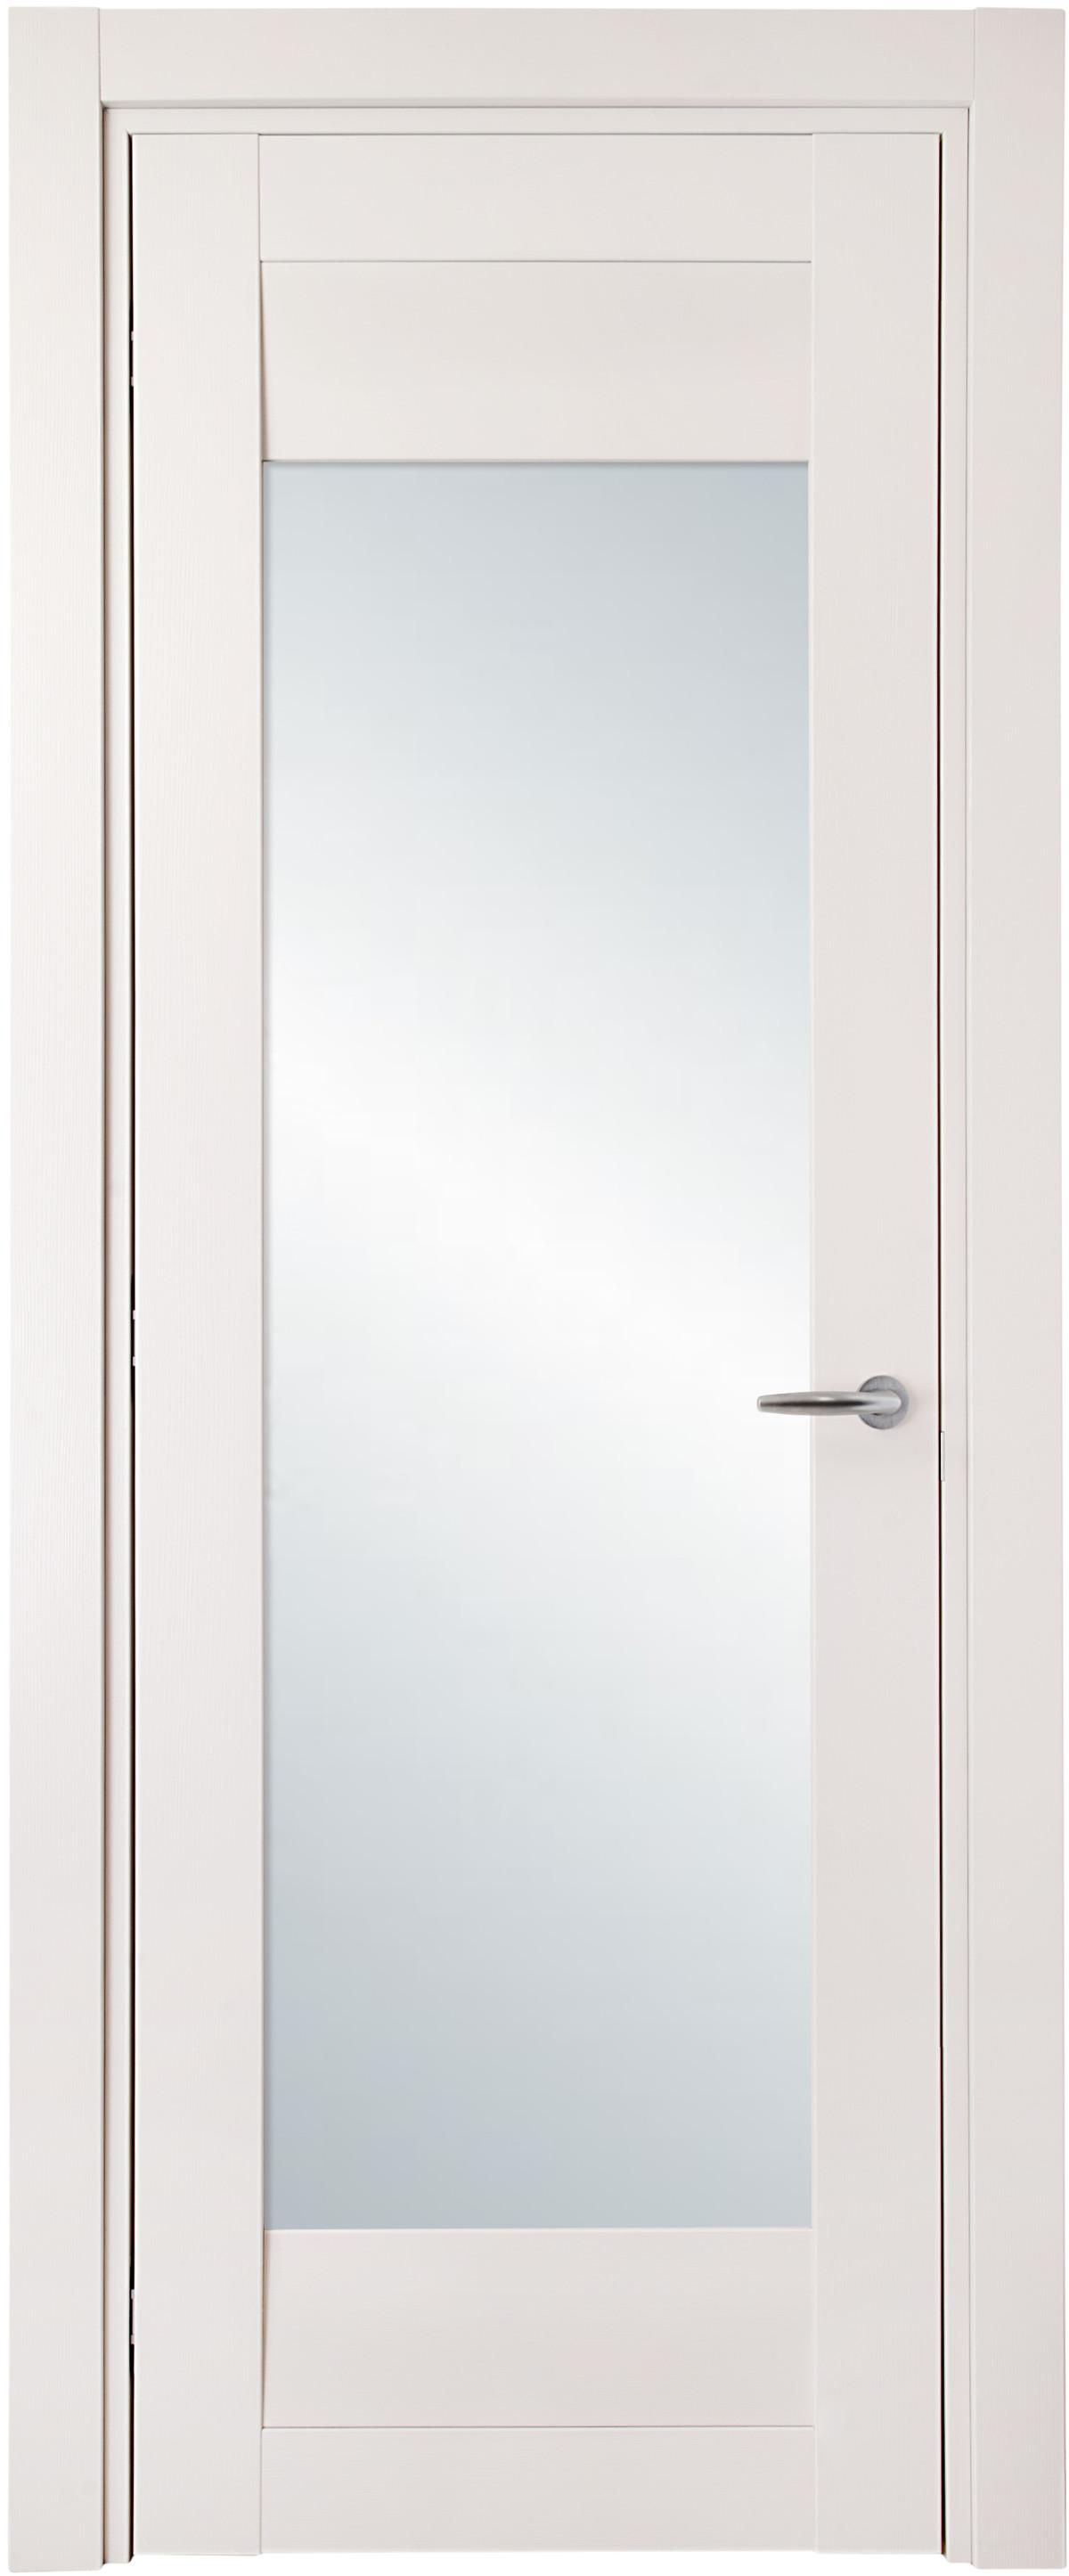 Межкомнатные двери Onda Largo 2K1S